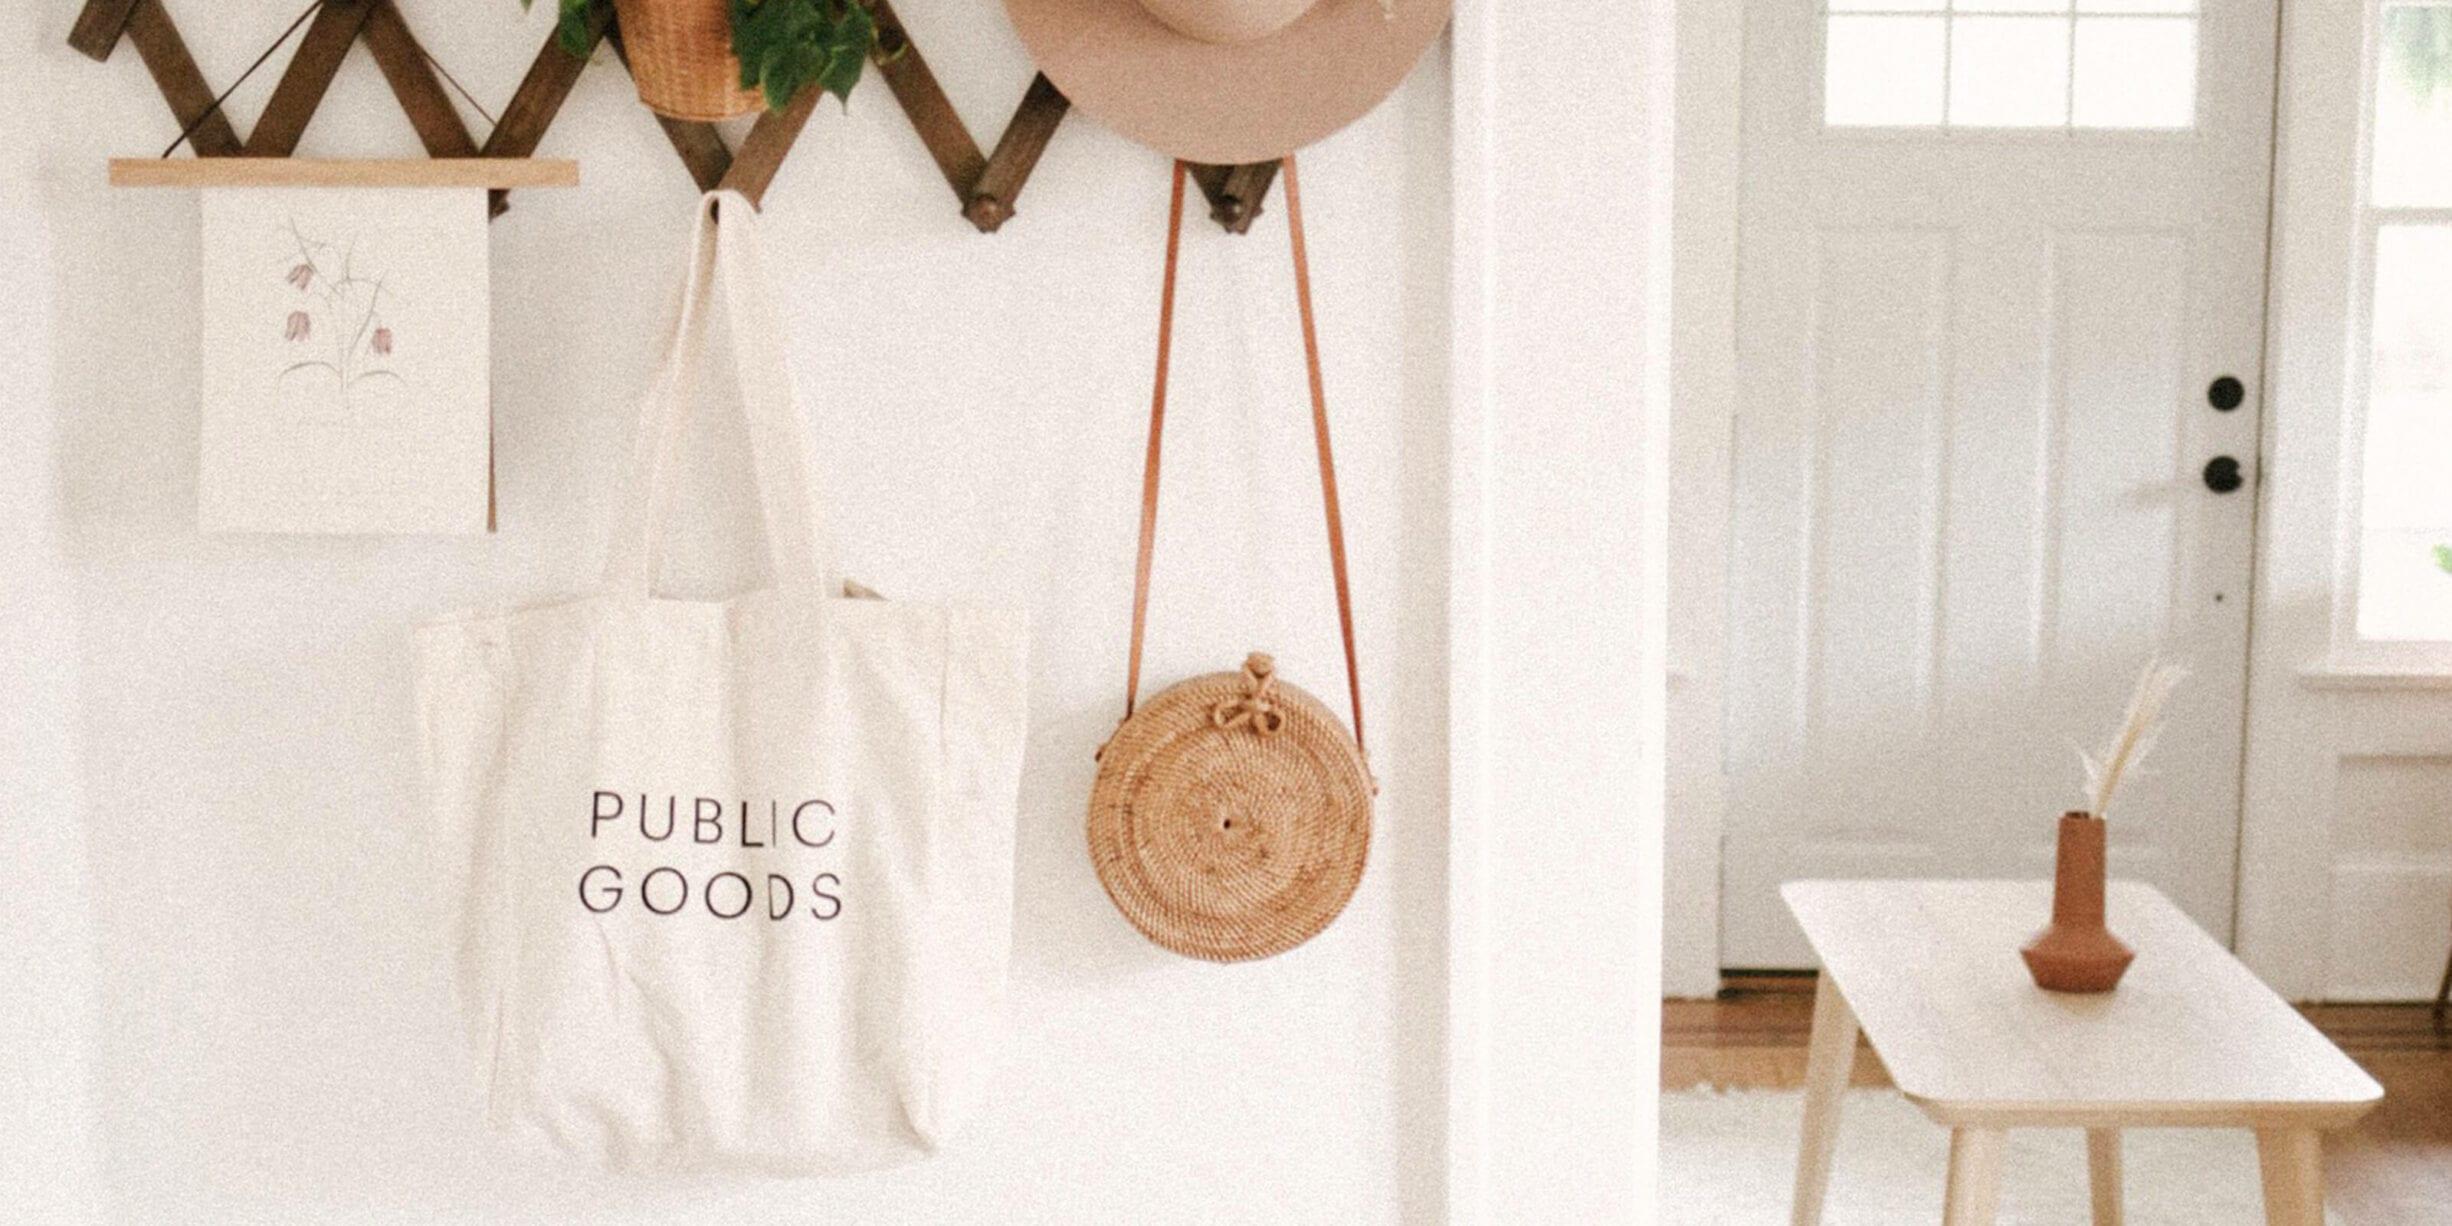 public goods tote bag, sun hat, house plant